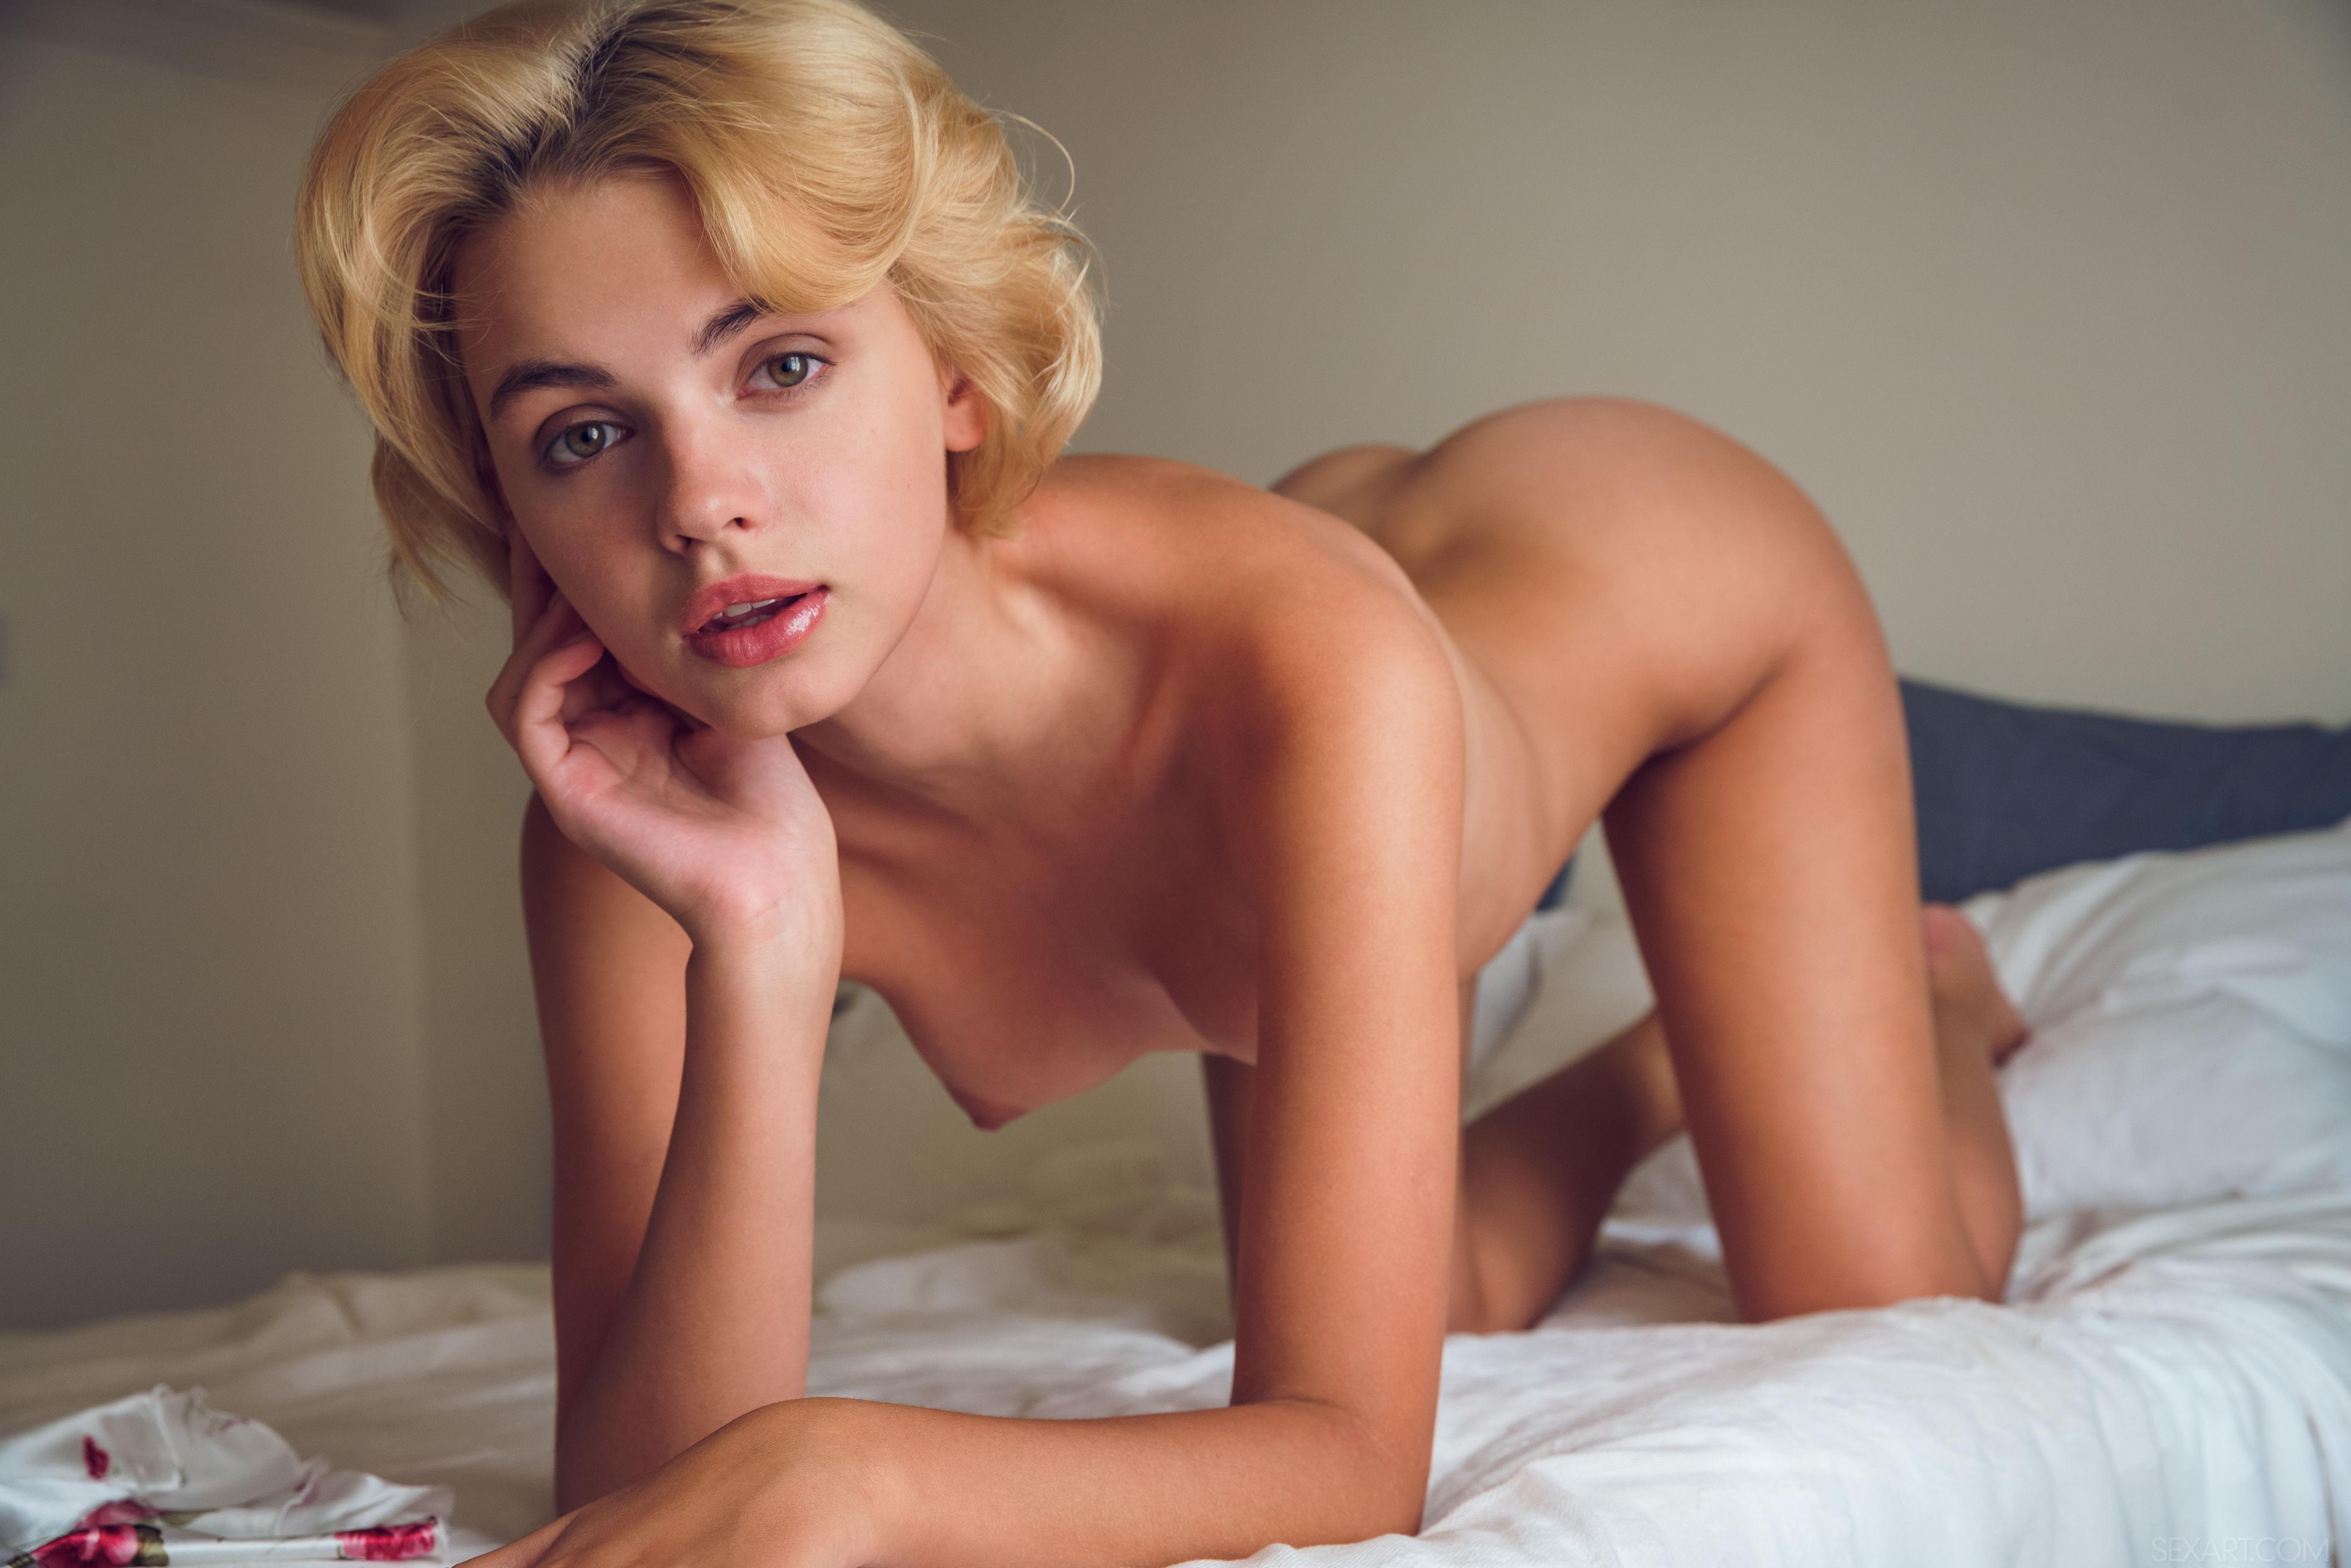 ero-foto-frantsuzskih-devushek-sandi-monro-porno